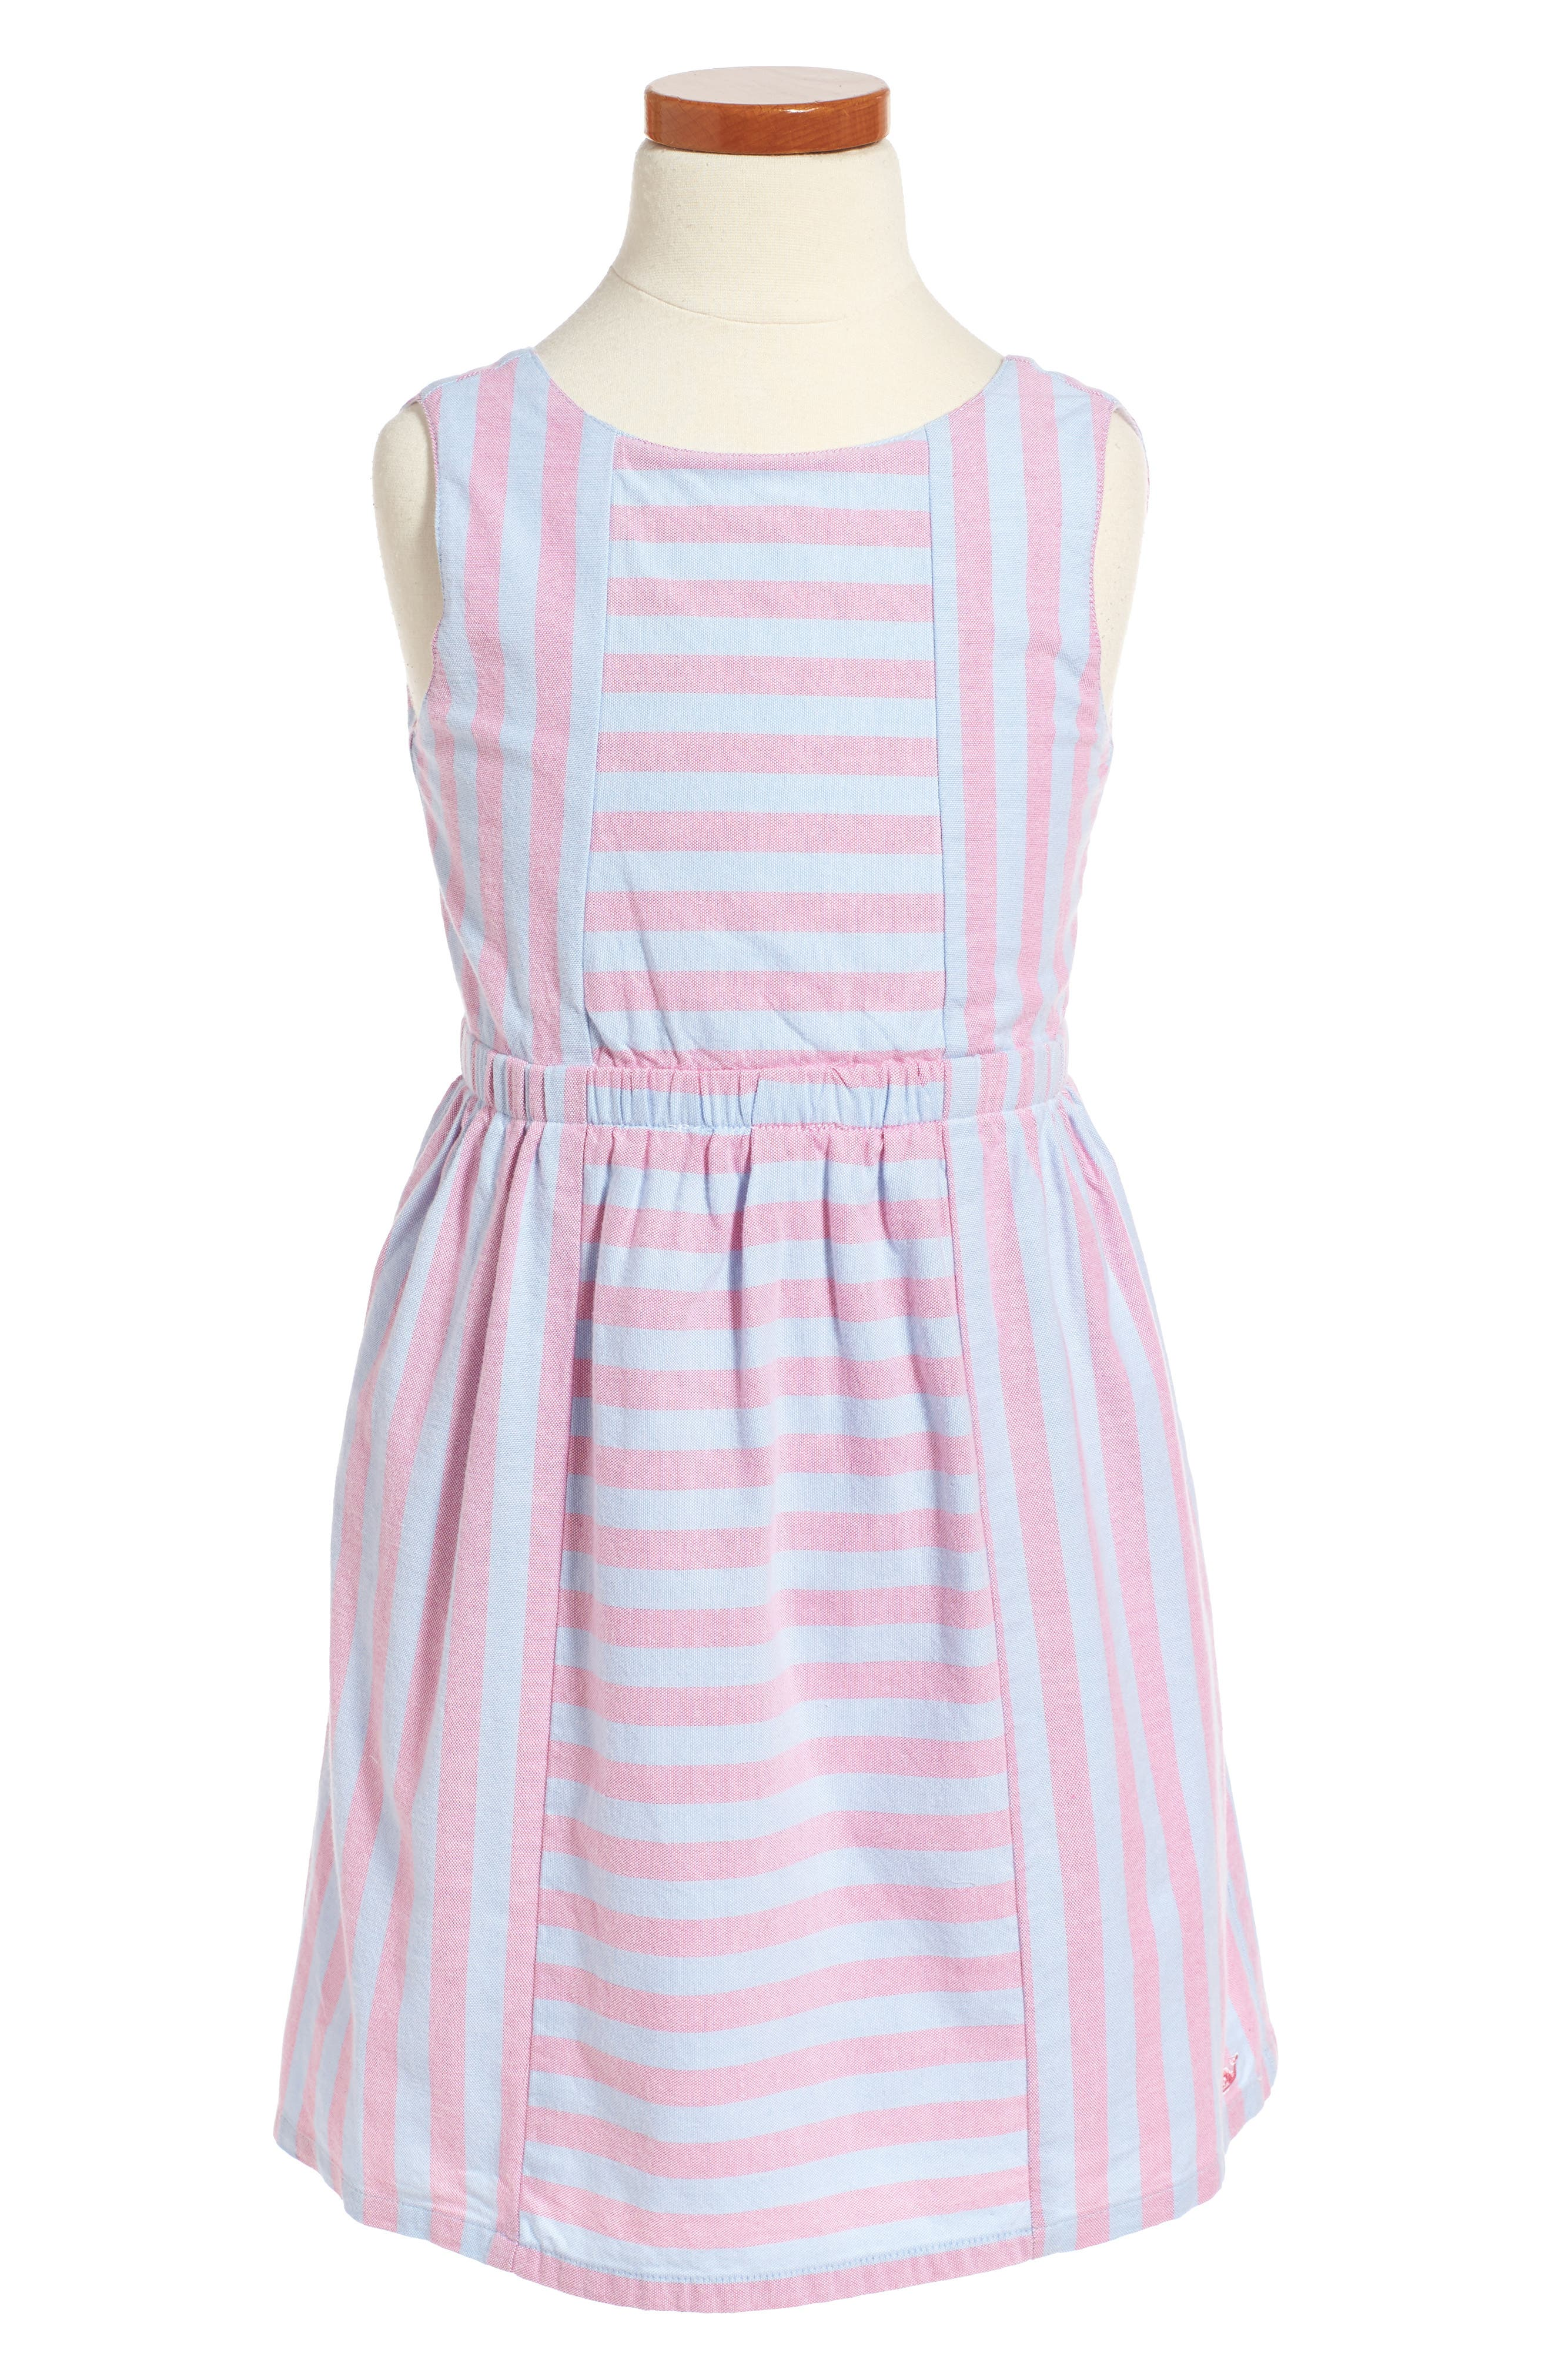 Coastside Stripe Dress,                             Main thumbnail 1, color,                             654